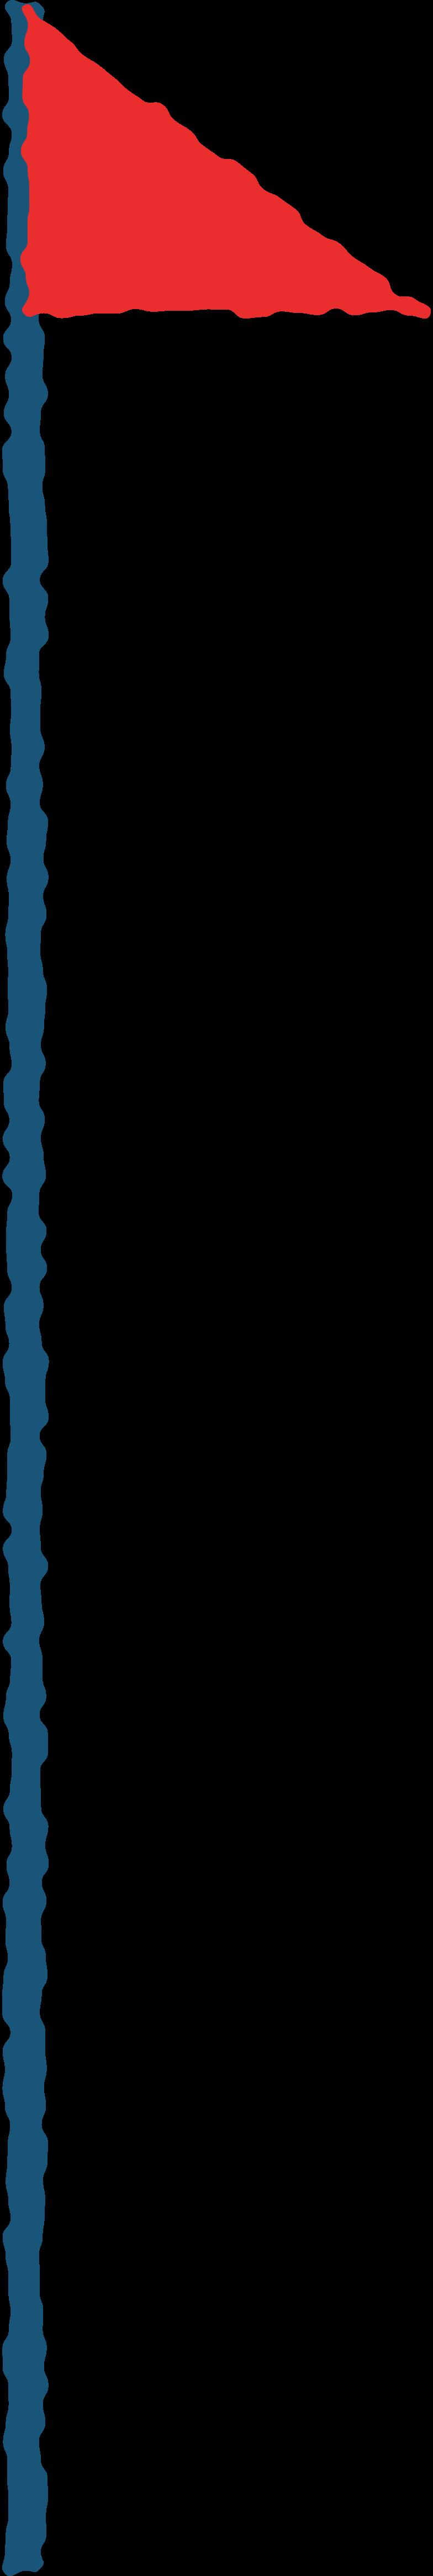 flag golf Clipart illustration in PNG, SVG